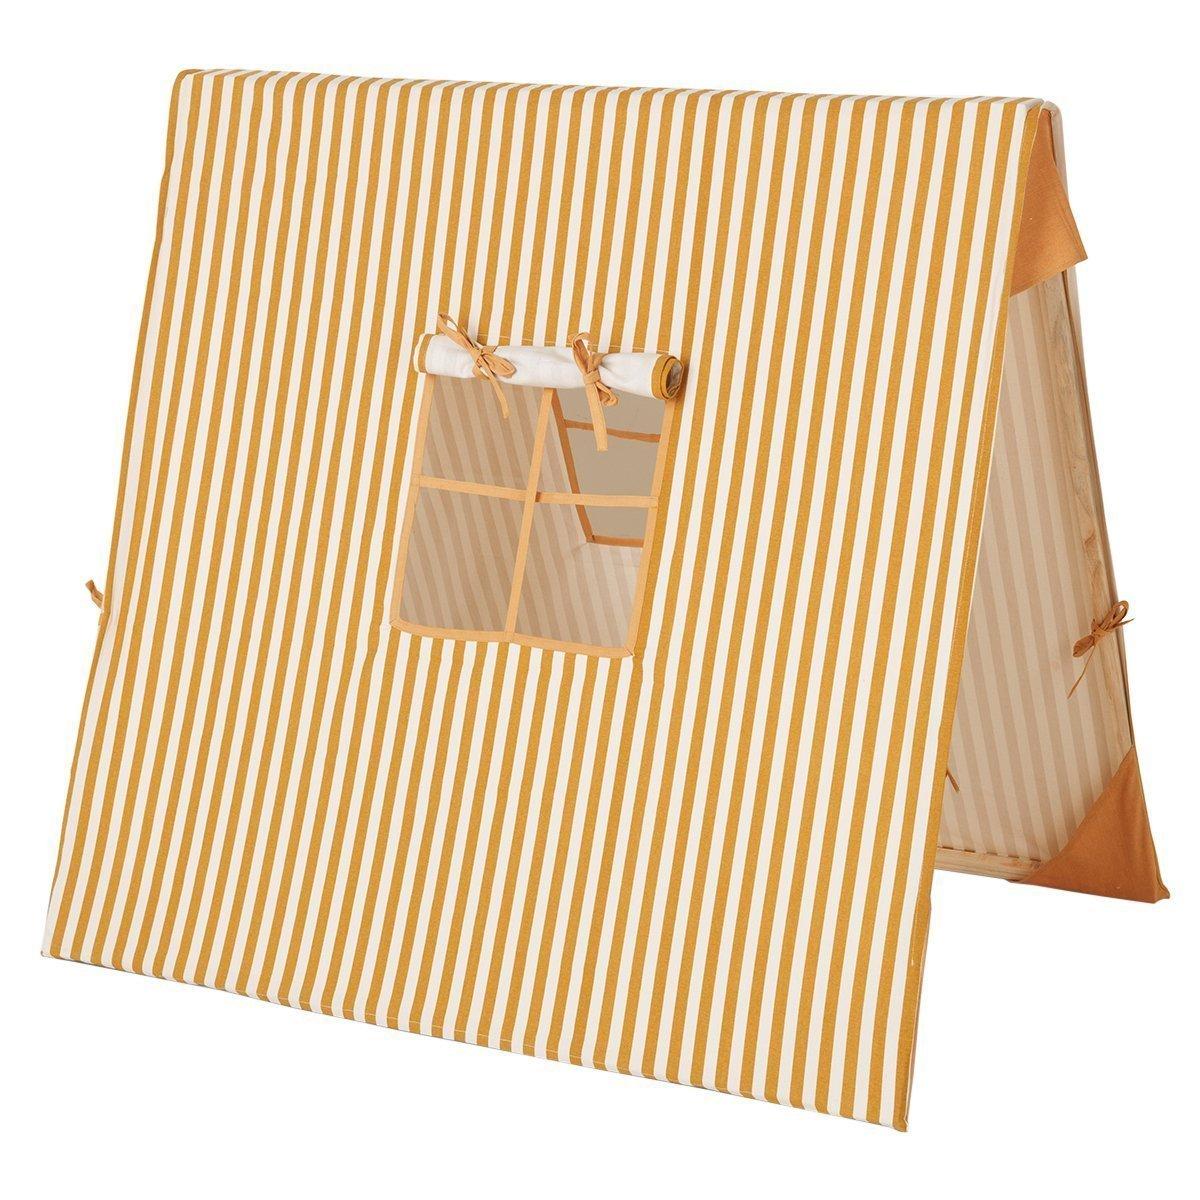 Ferm Living Striped Tent Mosterdgeel